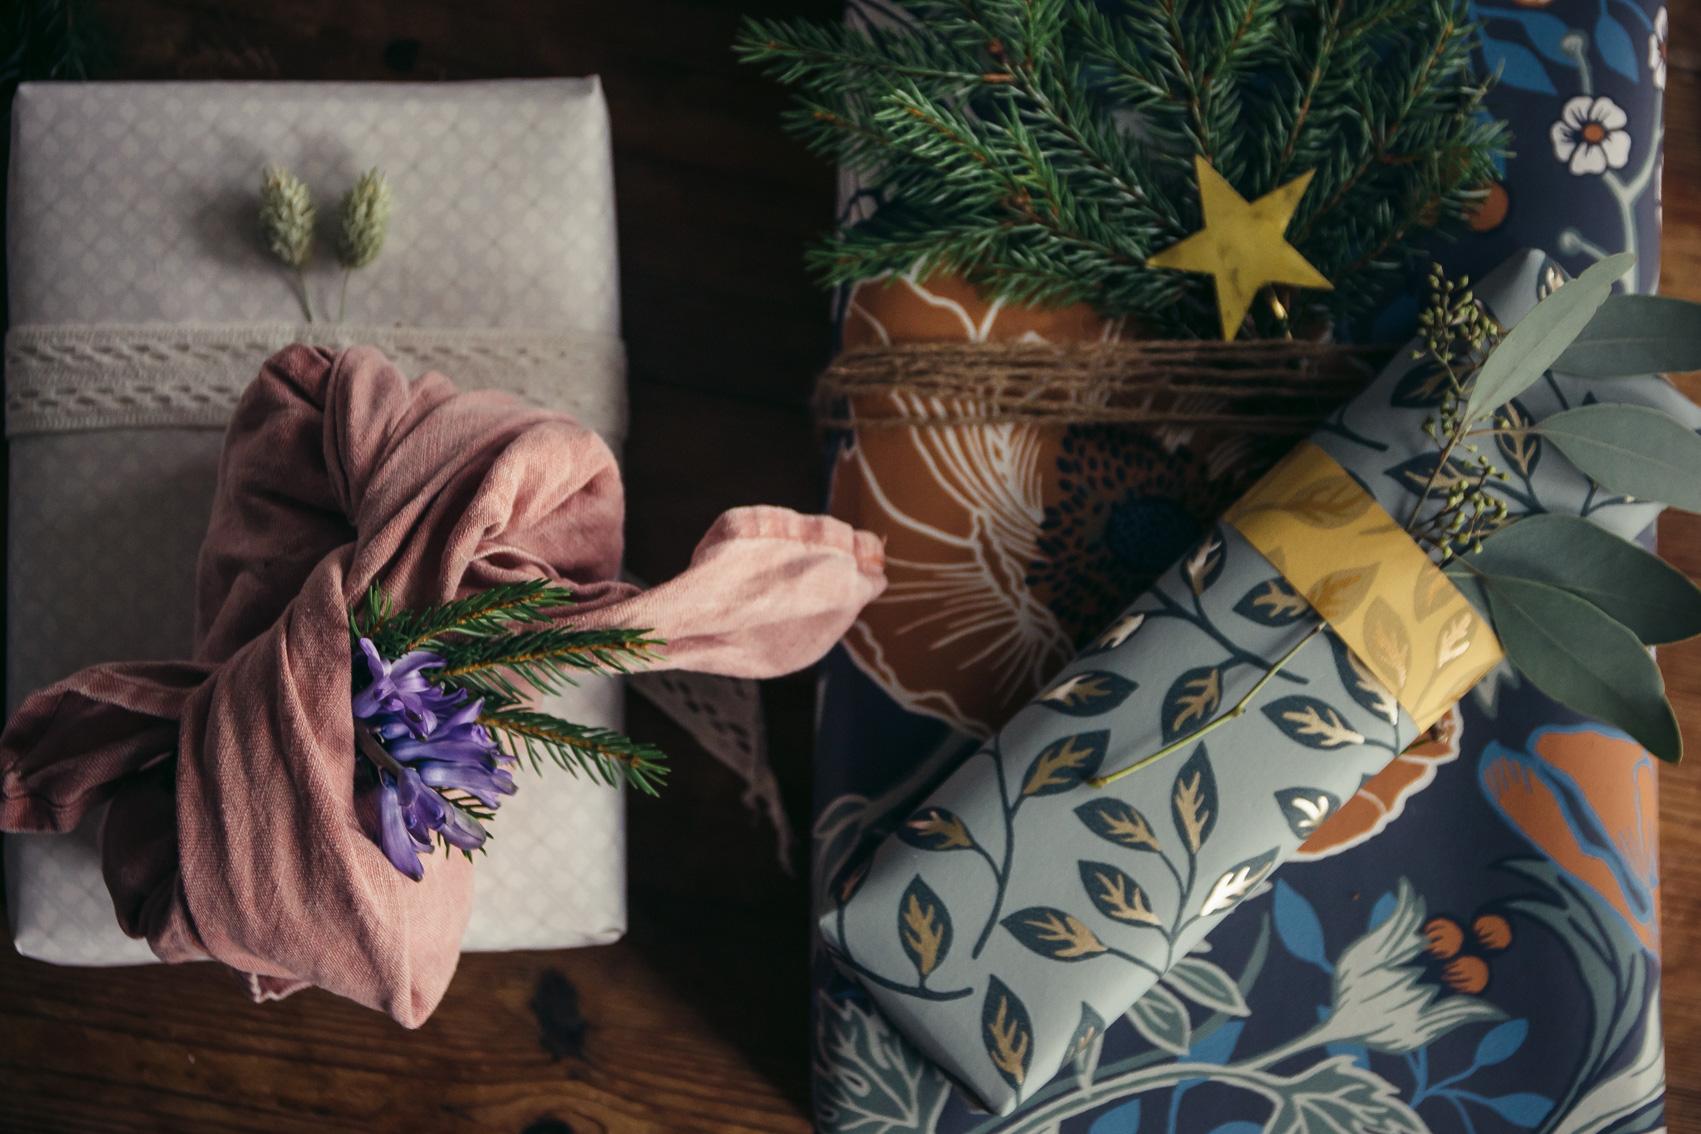 paketinslagning julklapp paket midbec tapeter 2